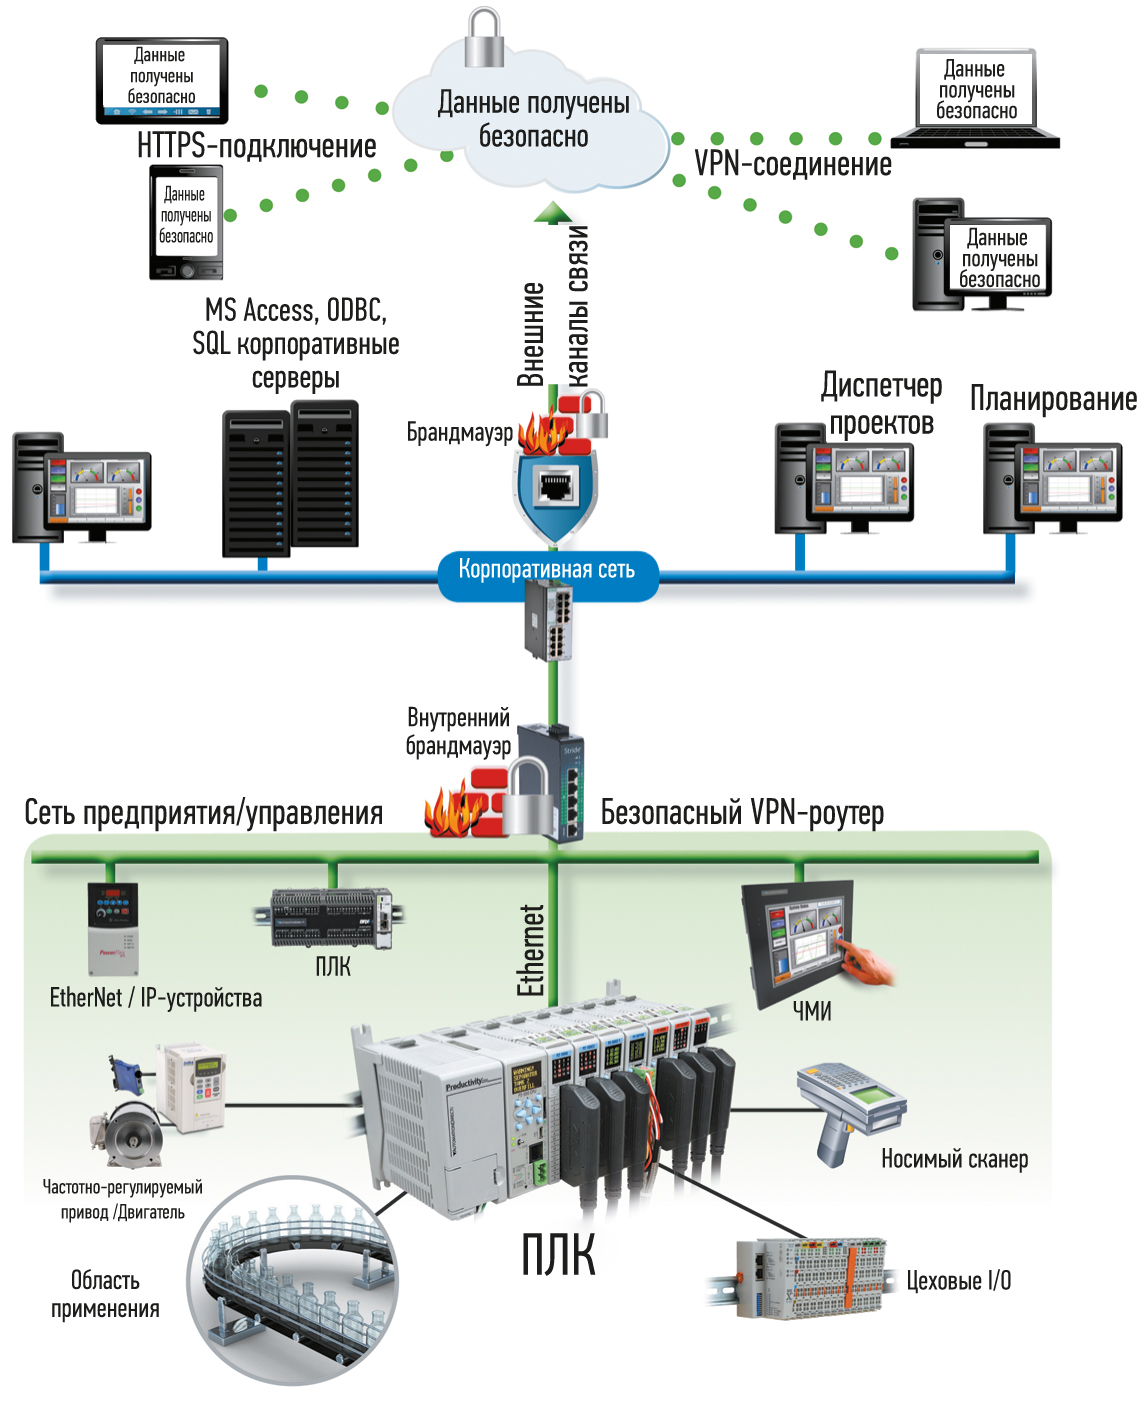 Как удаленно получить данные из контроллера. Некоторые современные контроллеры, такие как этот Productivity3000 от AutomationDirect, включают до семи встроенных коммуникационных портов, что является критически важной возможностью для подключения как к устройствам на уровне предприятия, так и к корпоративным сетям уровня предприятия